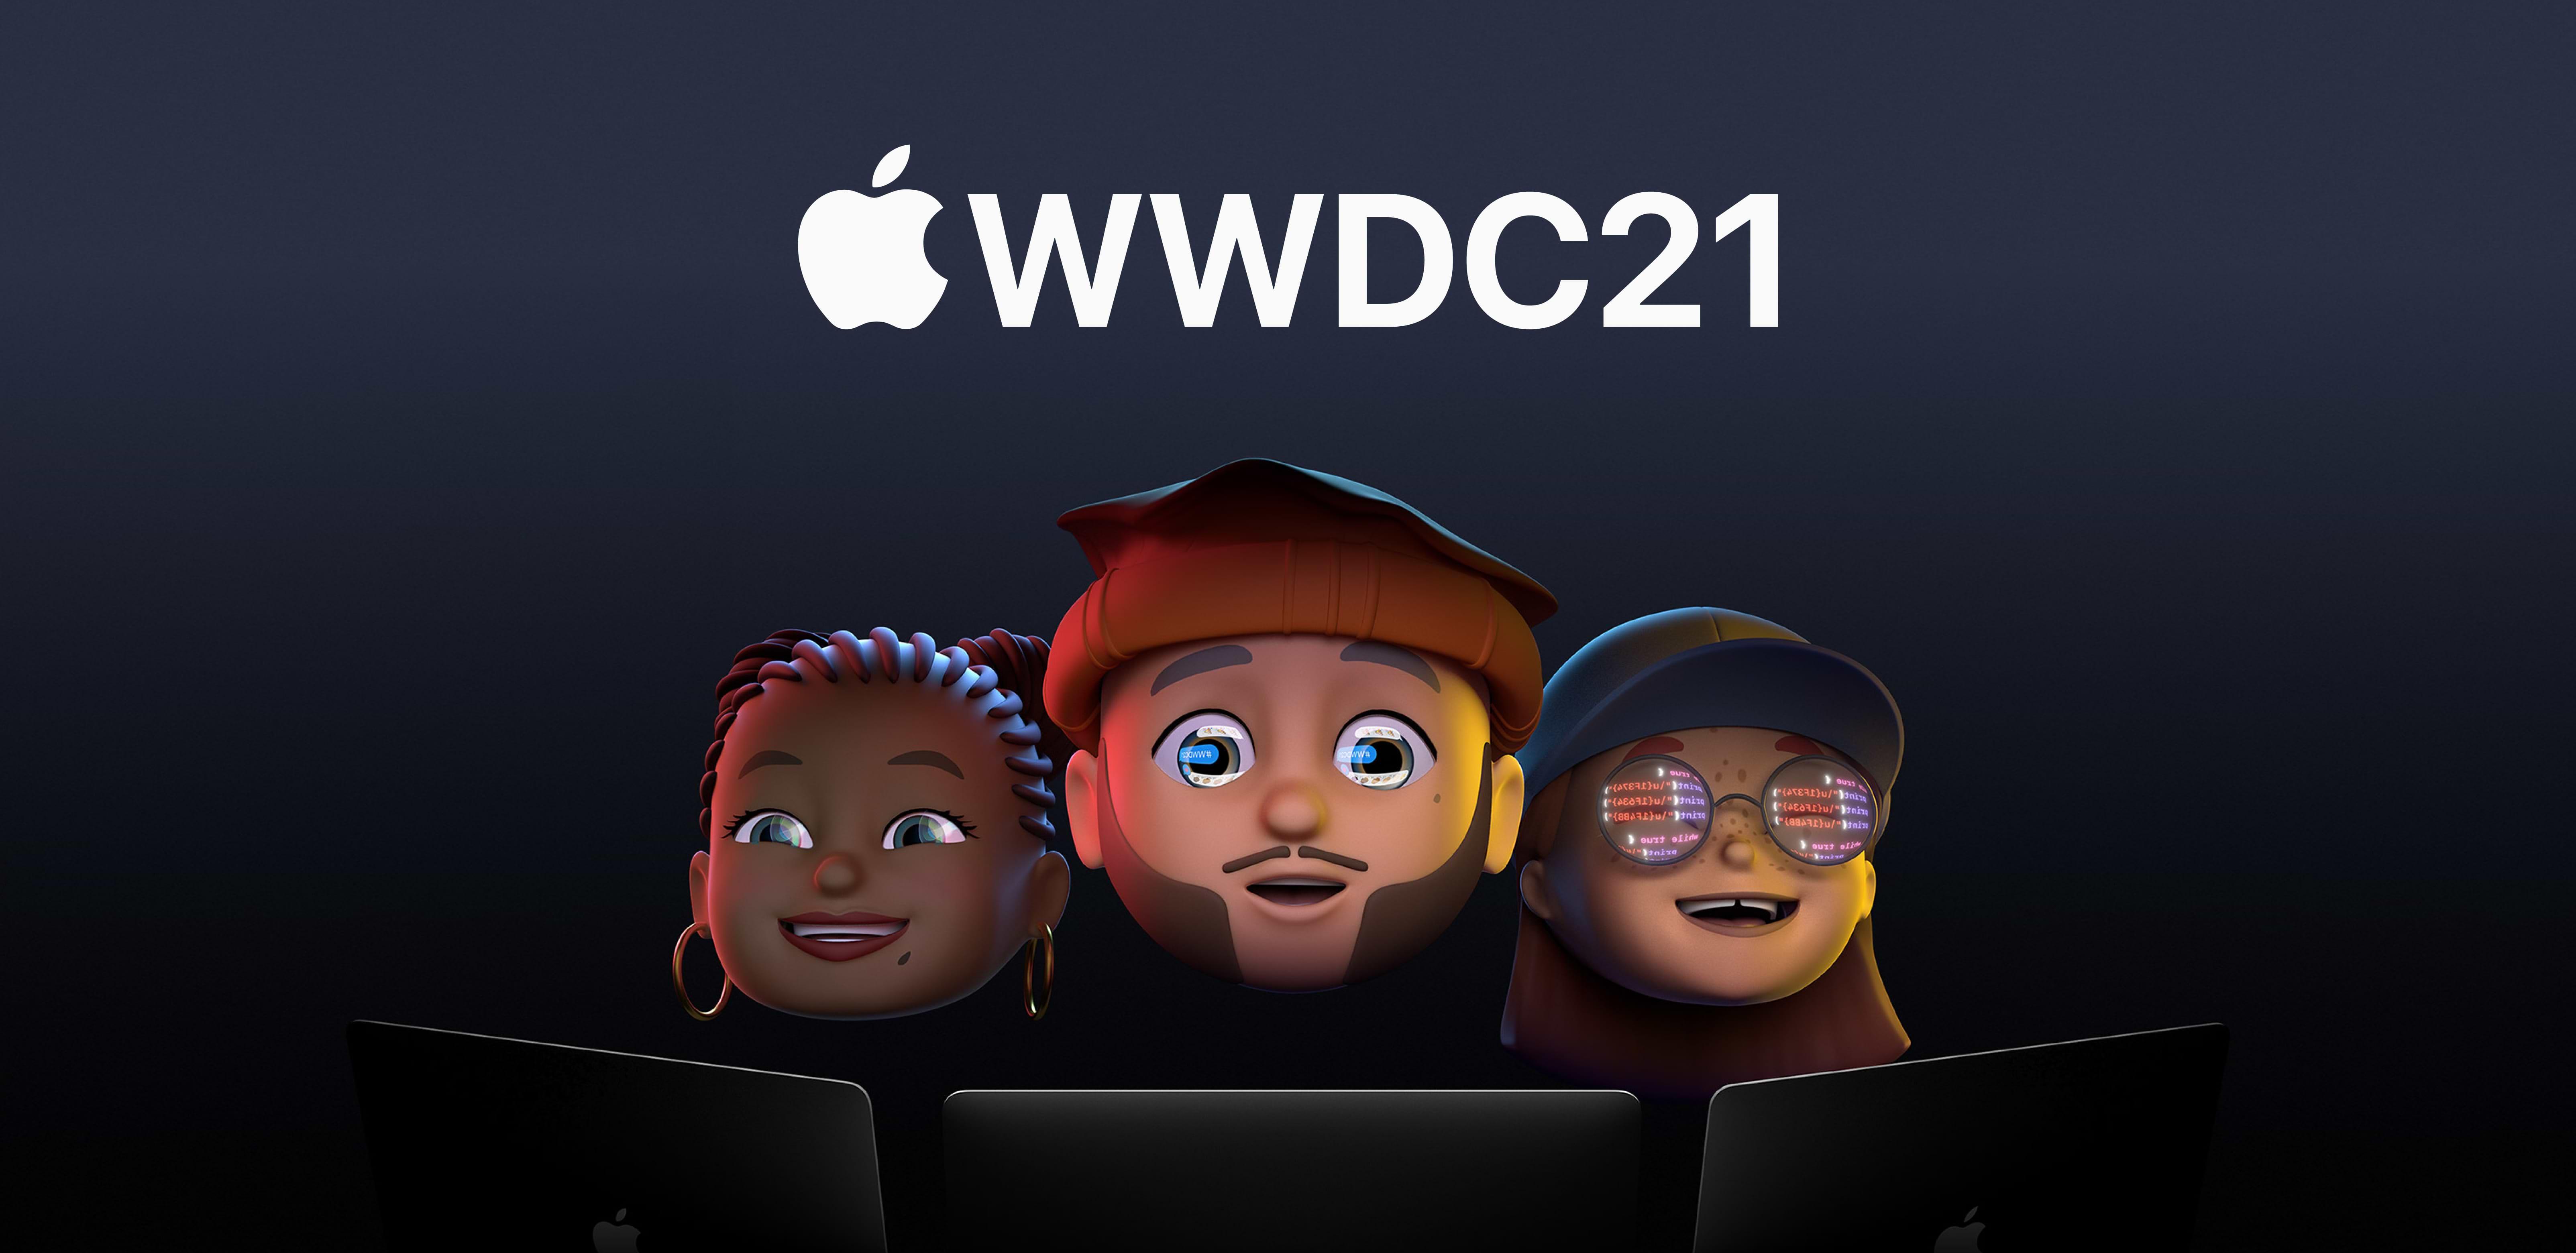 עדכונים למערכות ההפעלה למכשירי ה-iPhone, iPad, Mac ושעון ה-Apple Watch